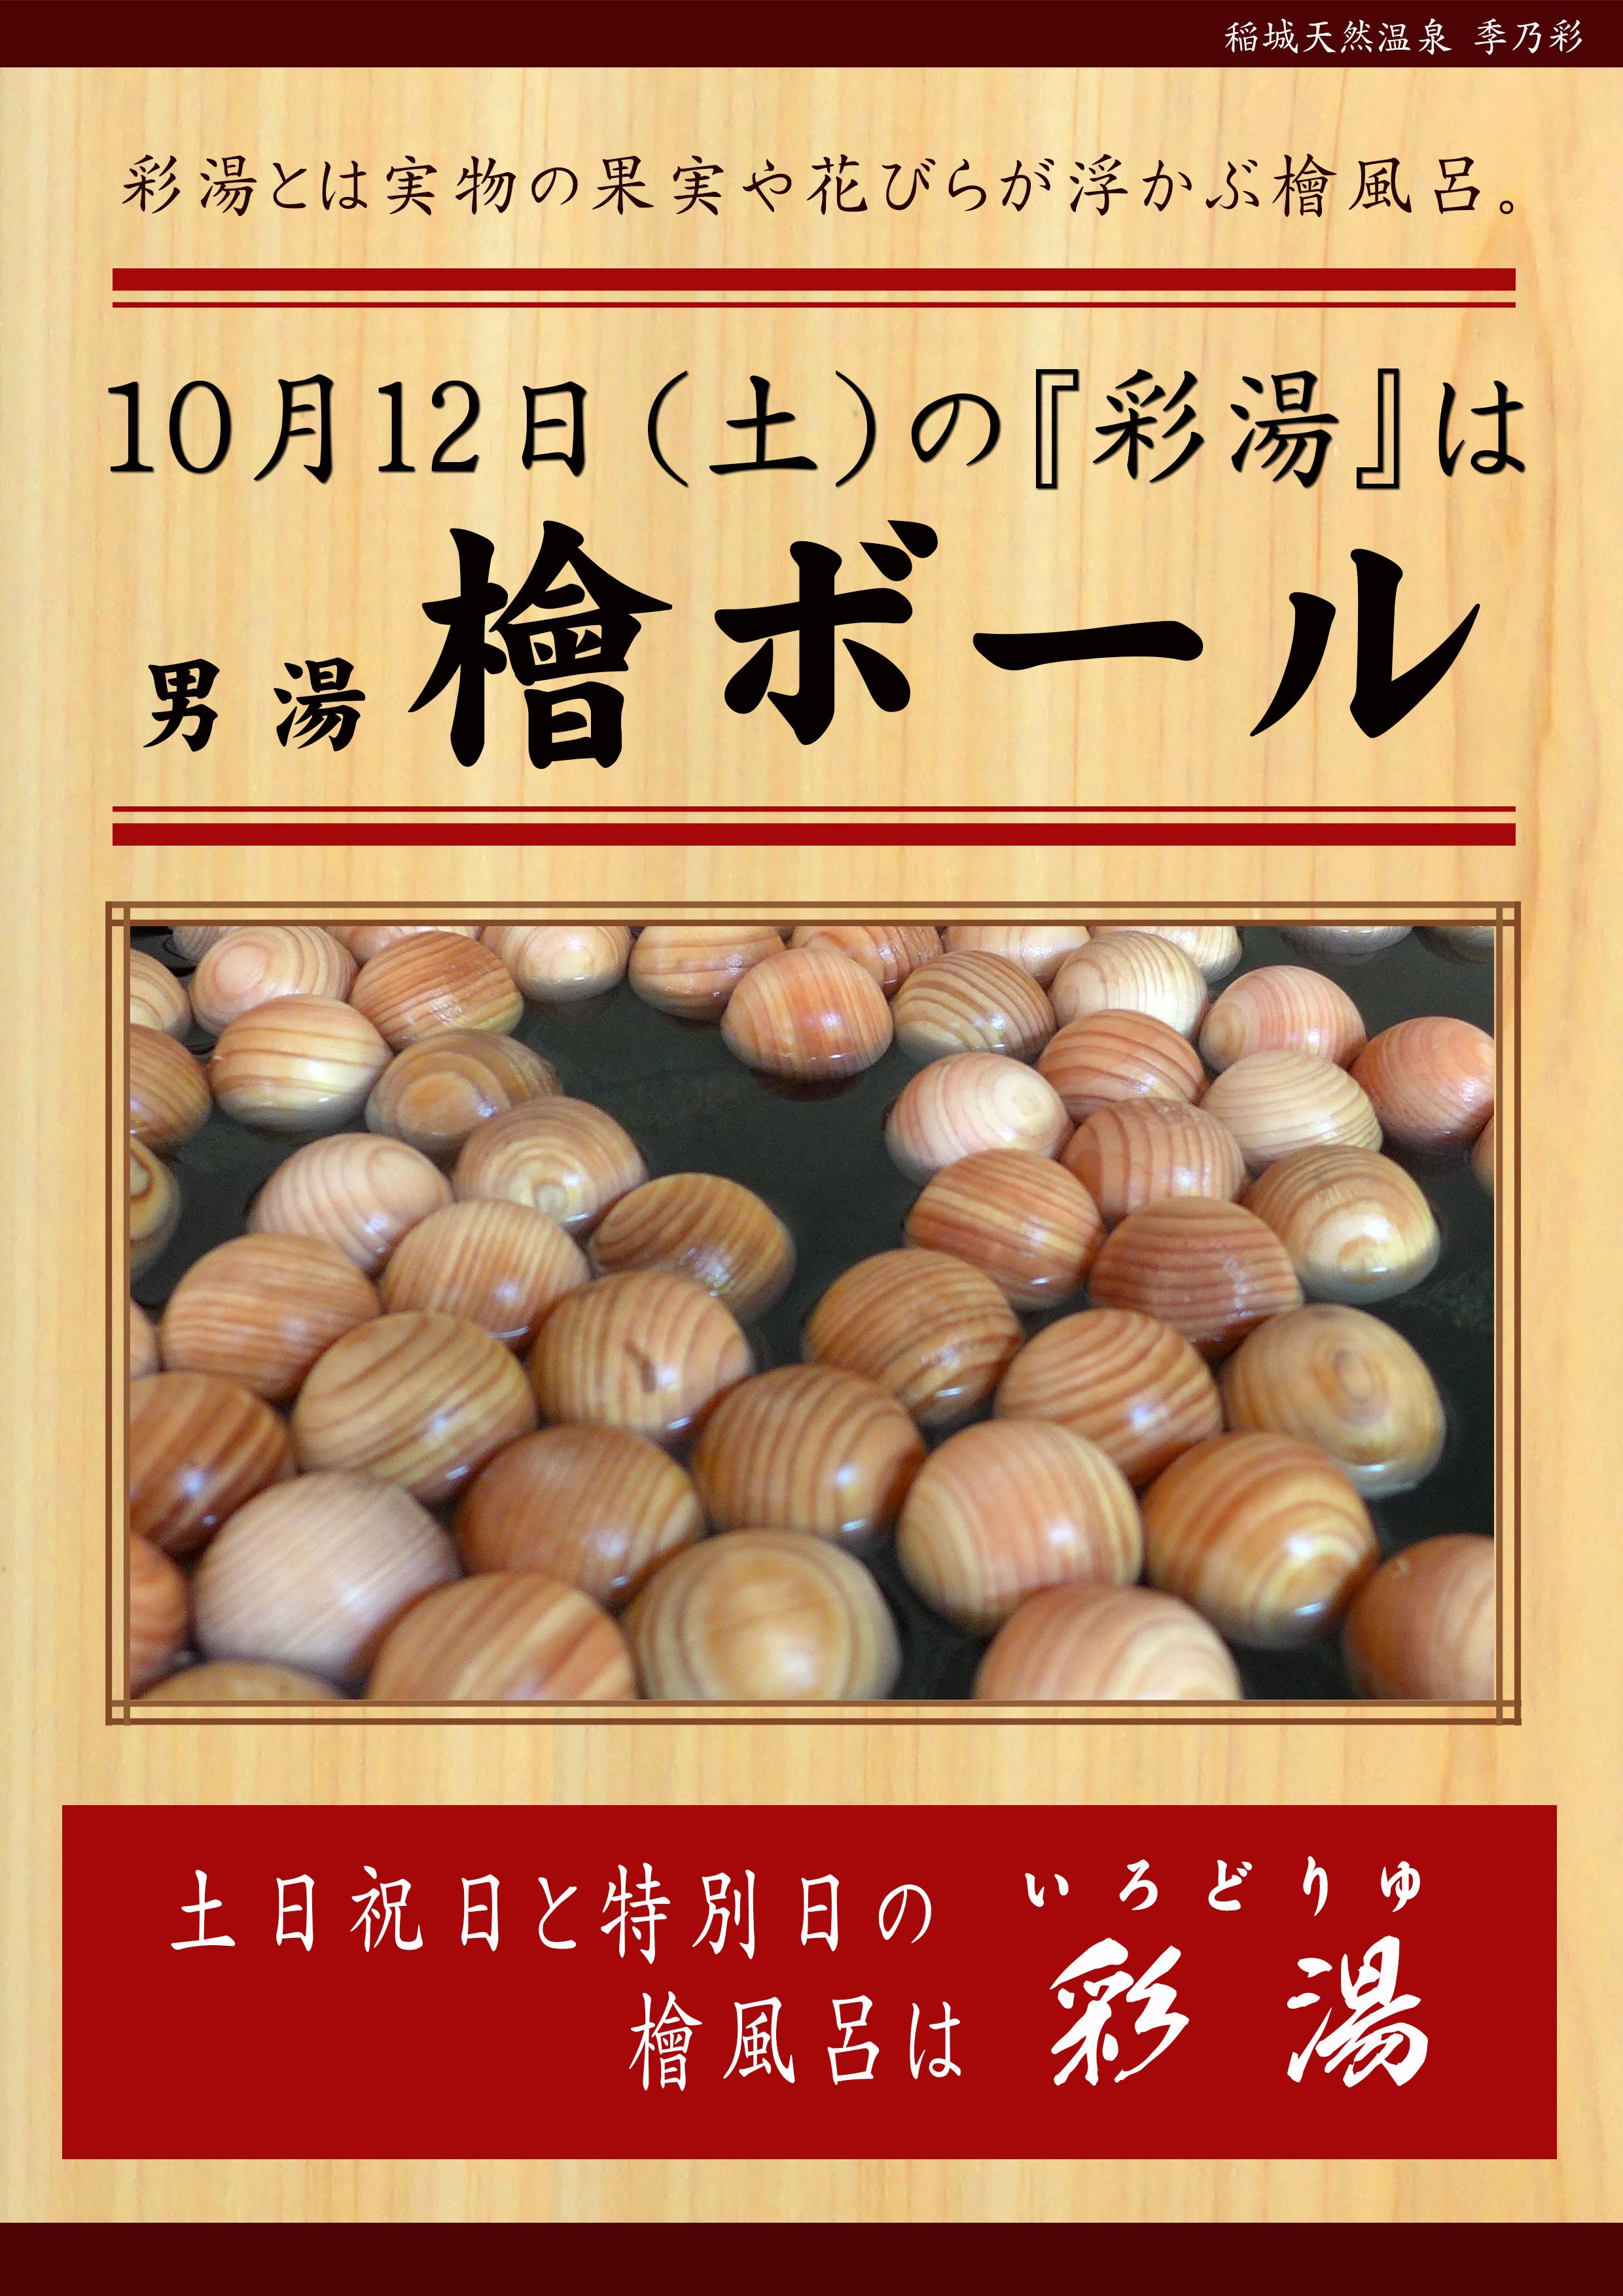 191012 彩湯 男湯 檜ボール